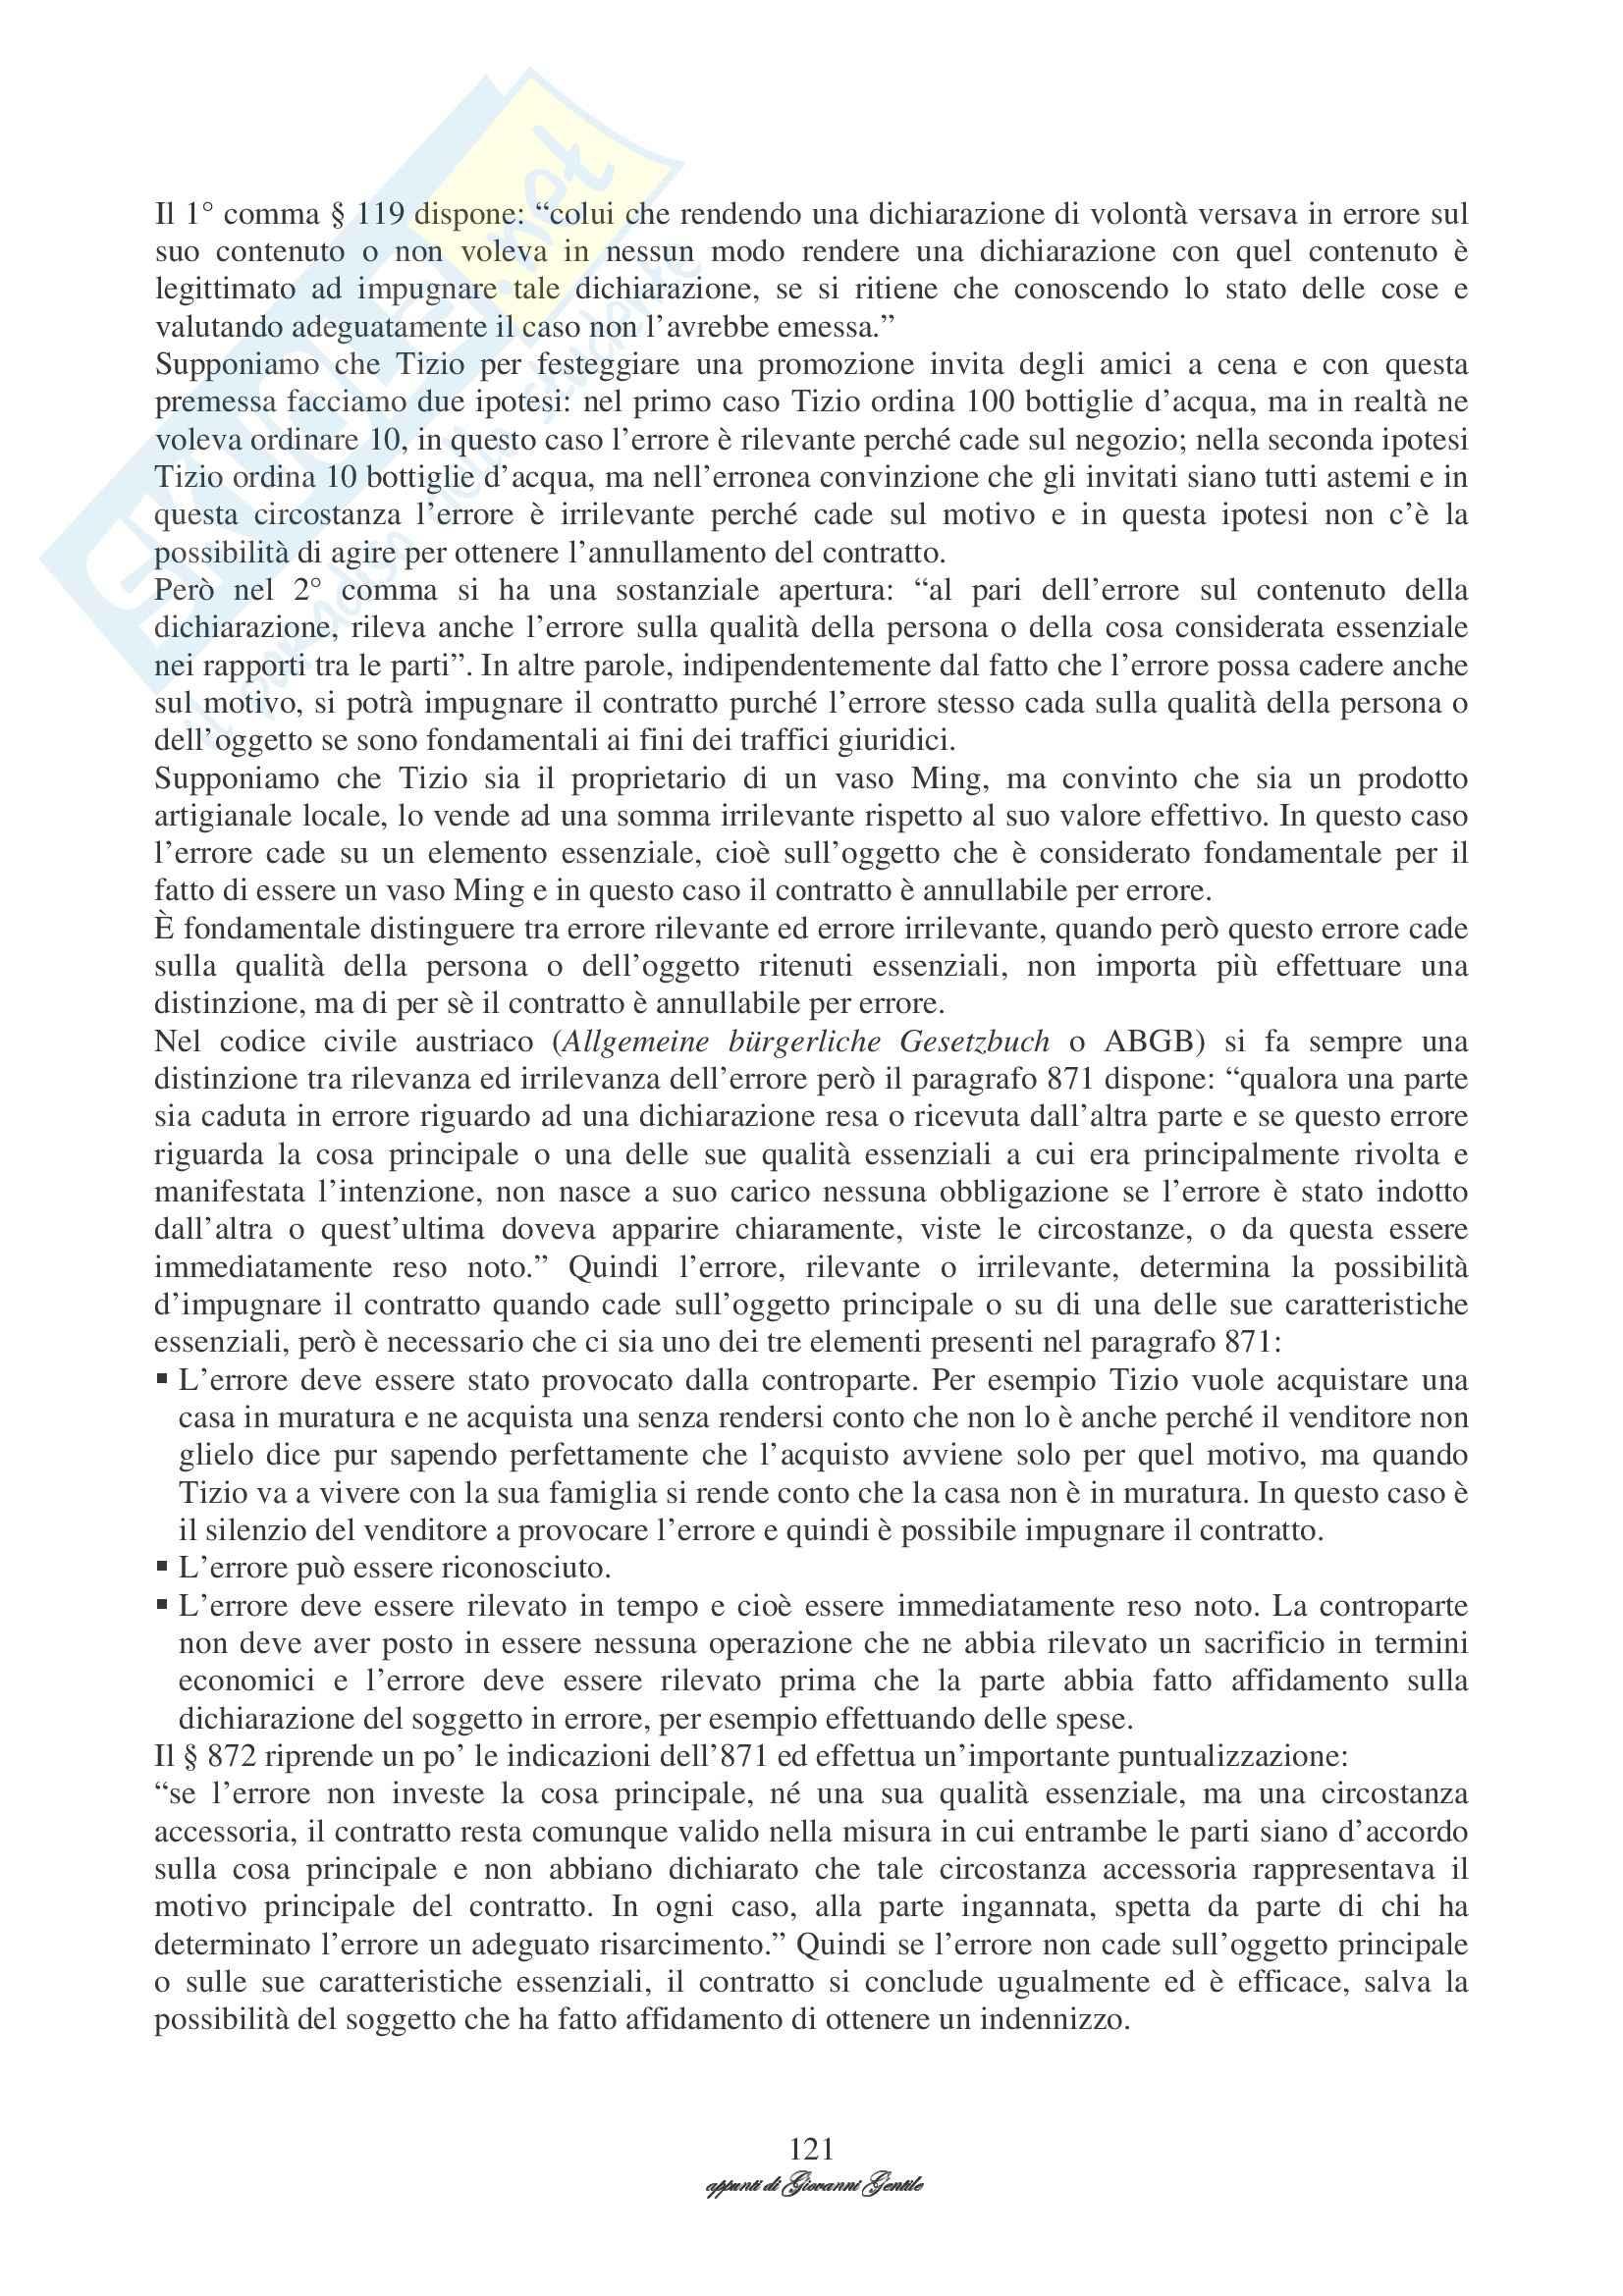 Diritto privato comparato Pag. 121